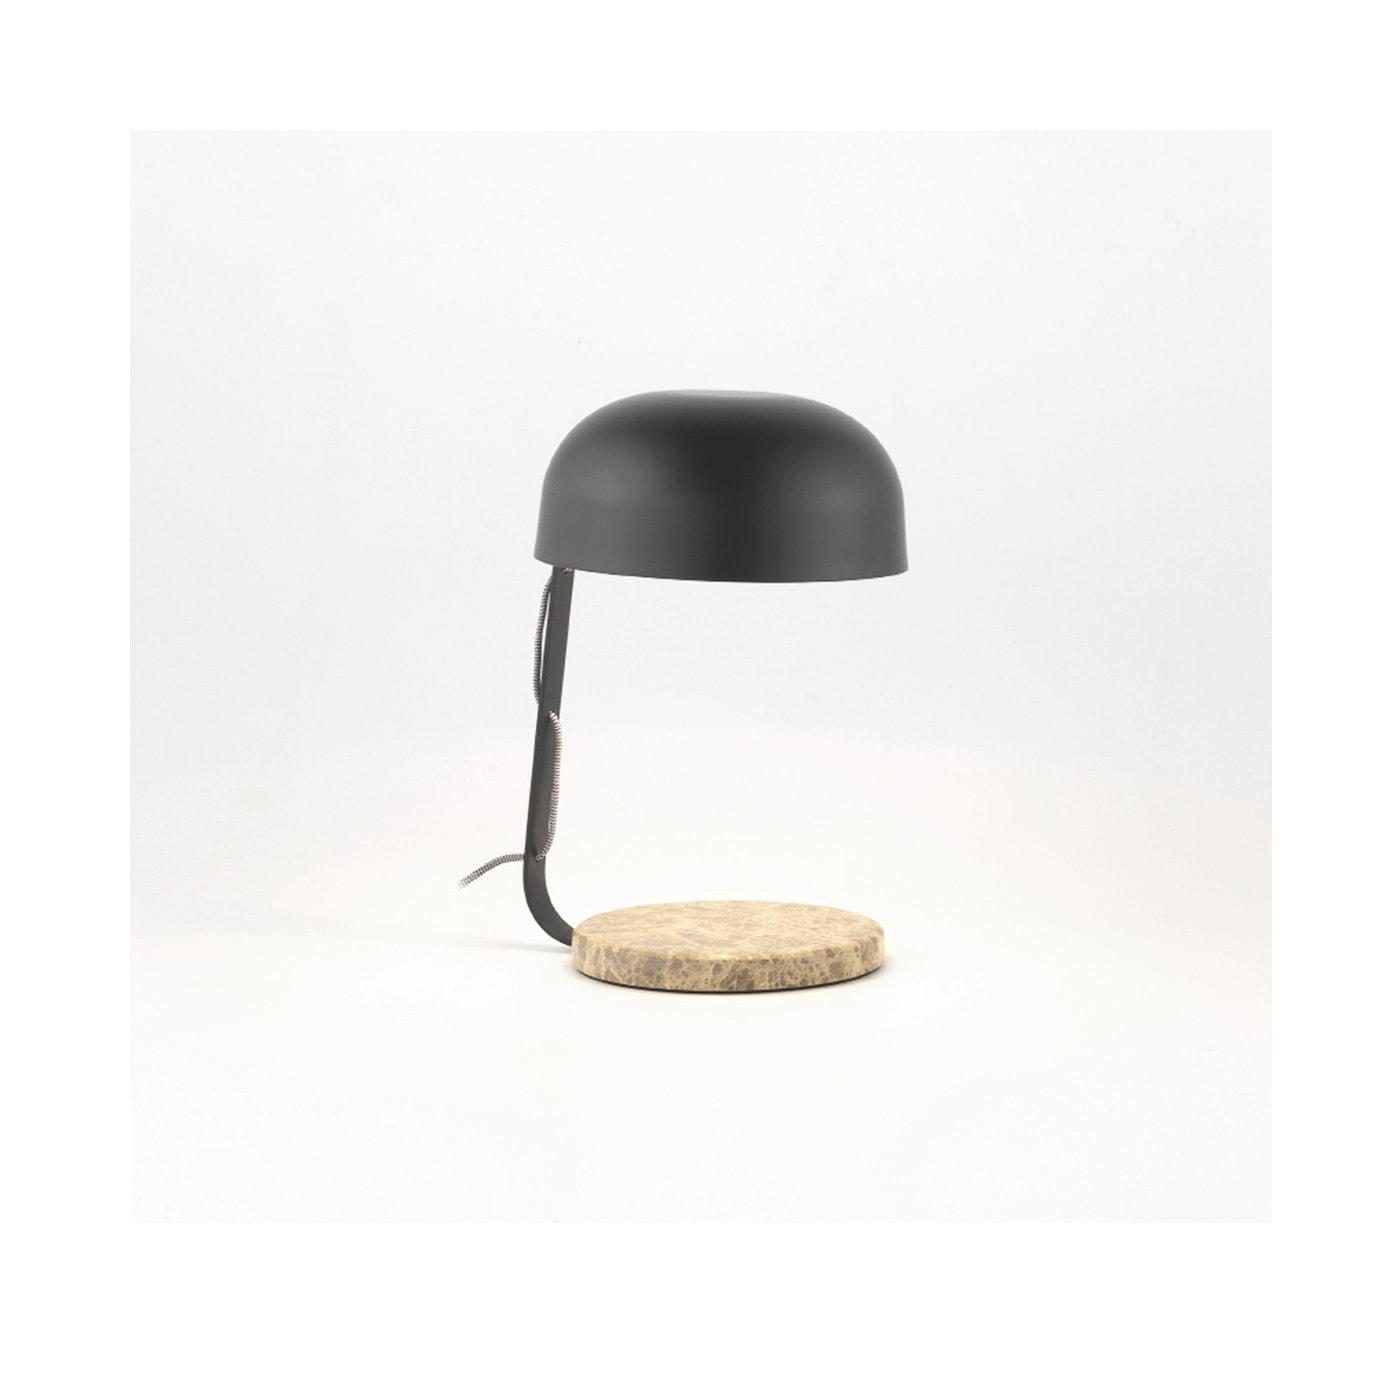 Aromas - Marbre lampada da tavolo - shop online